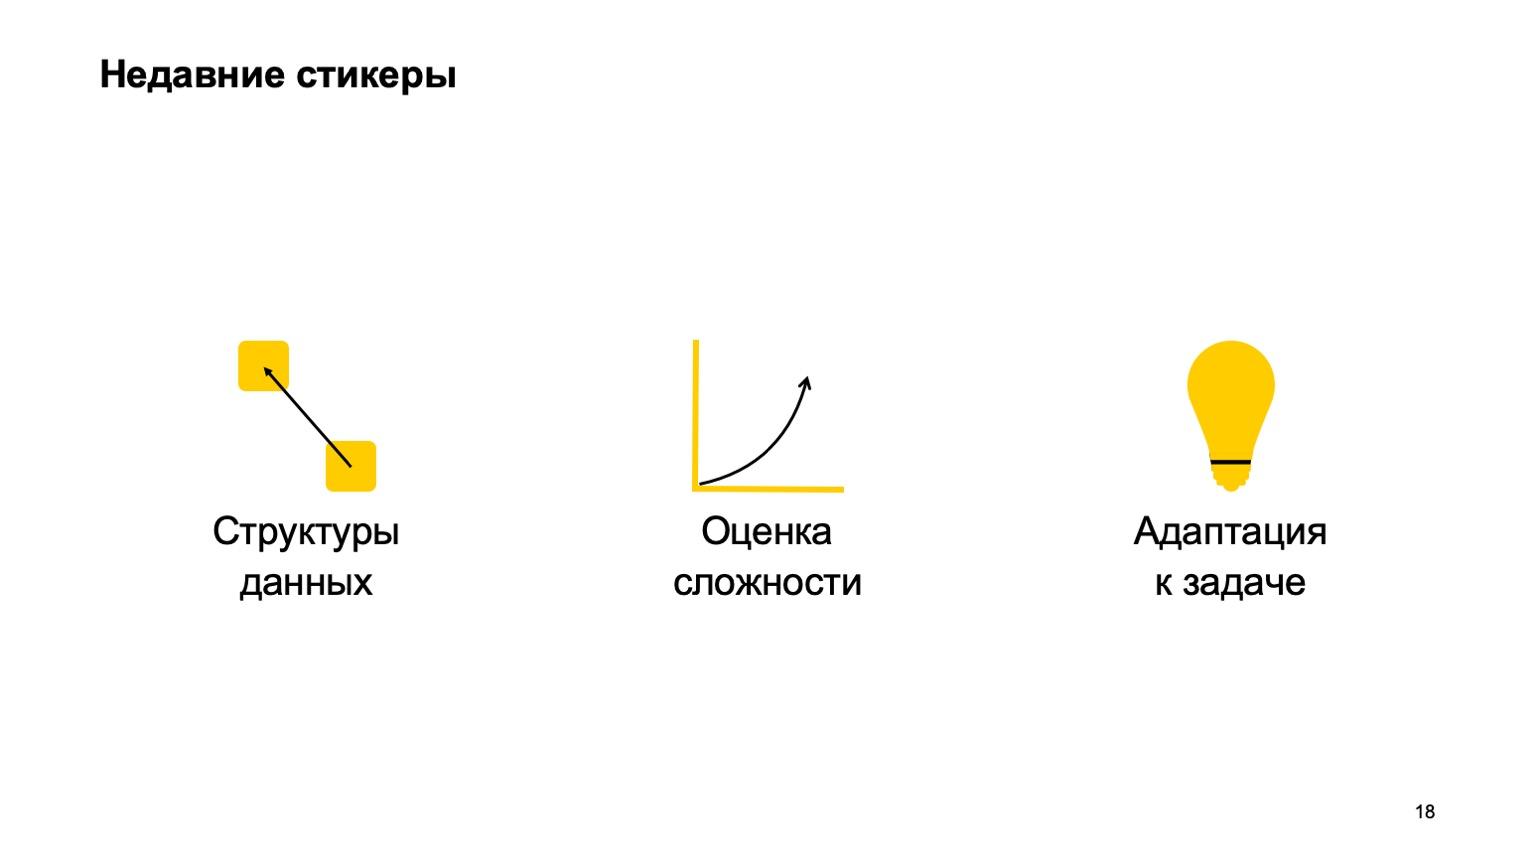 Мобильная разработка — это просто и скучно? Доклад Яндекса - 17